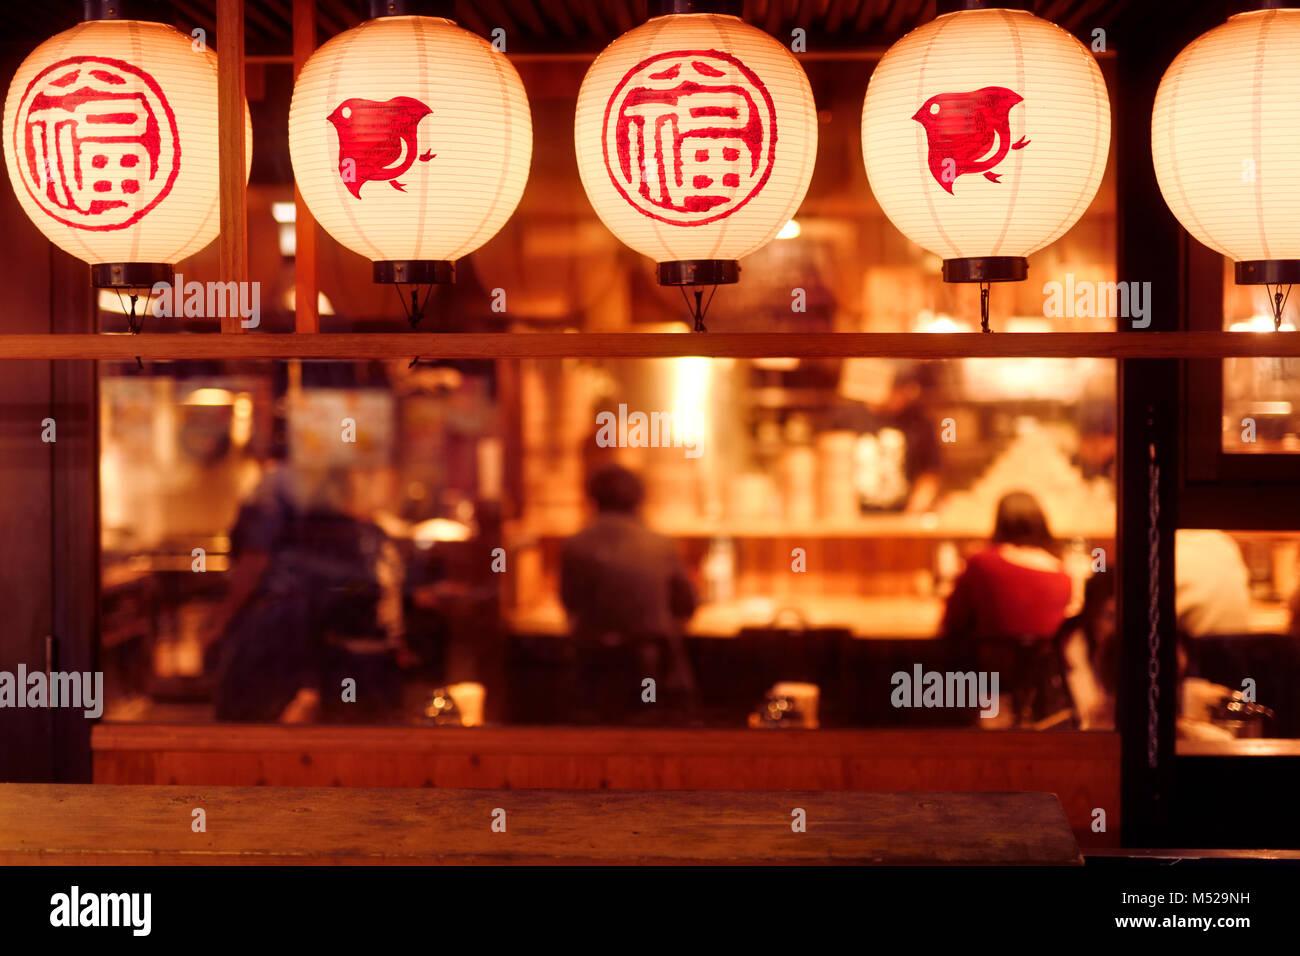 Personas cenando en un restaurante tradicional japonés con farolillos iluminados durante la noche. Gion, Kioto, Imagen De Stock